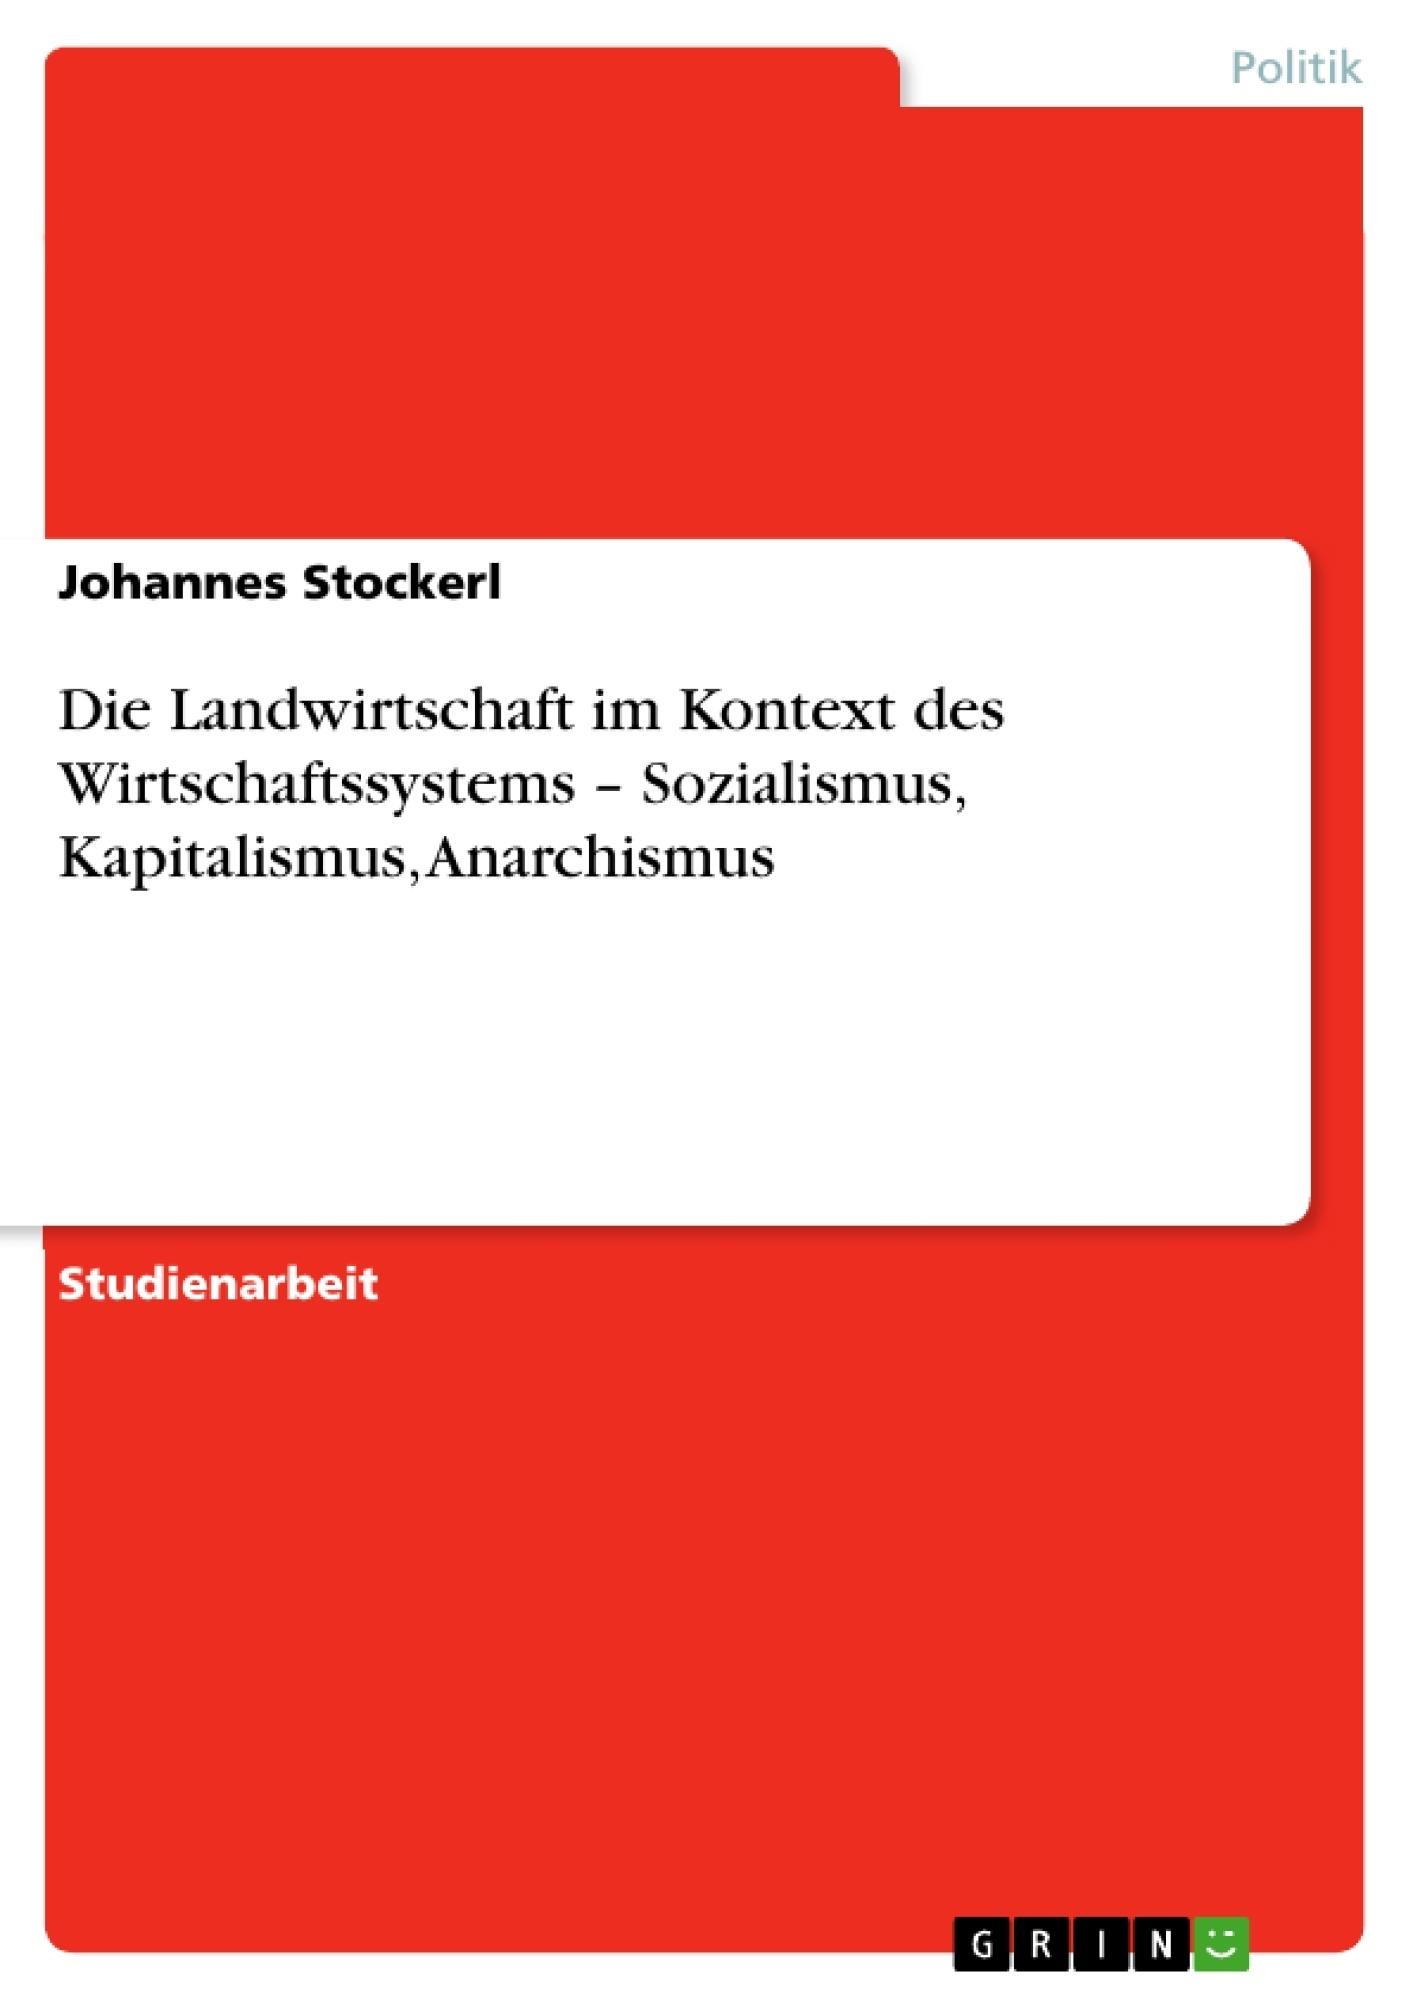 Titel: Die Landwirtschaft im Kontext des Wirtschaftssystems  – Sozialismus, Kapitalismus, Anarchismus